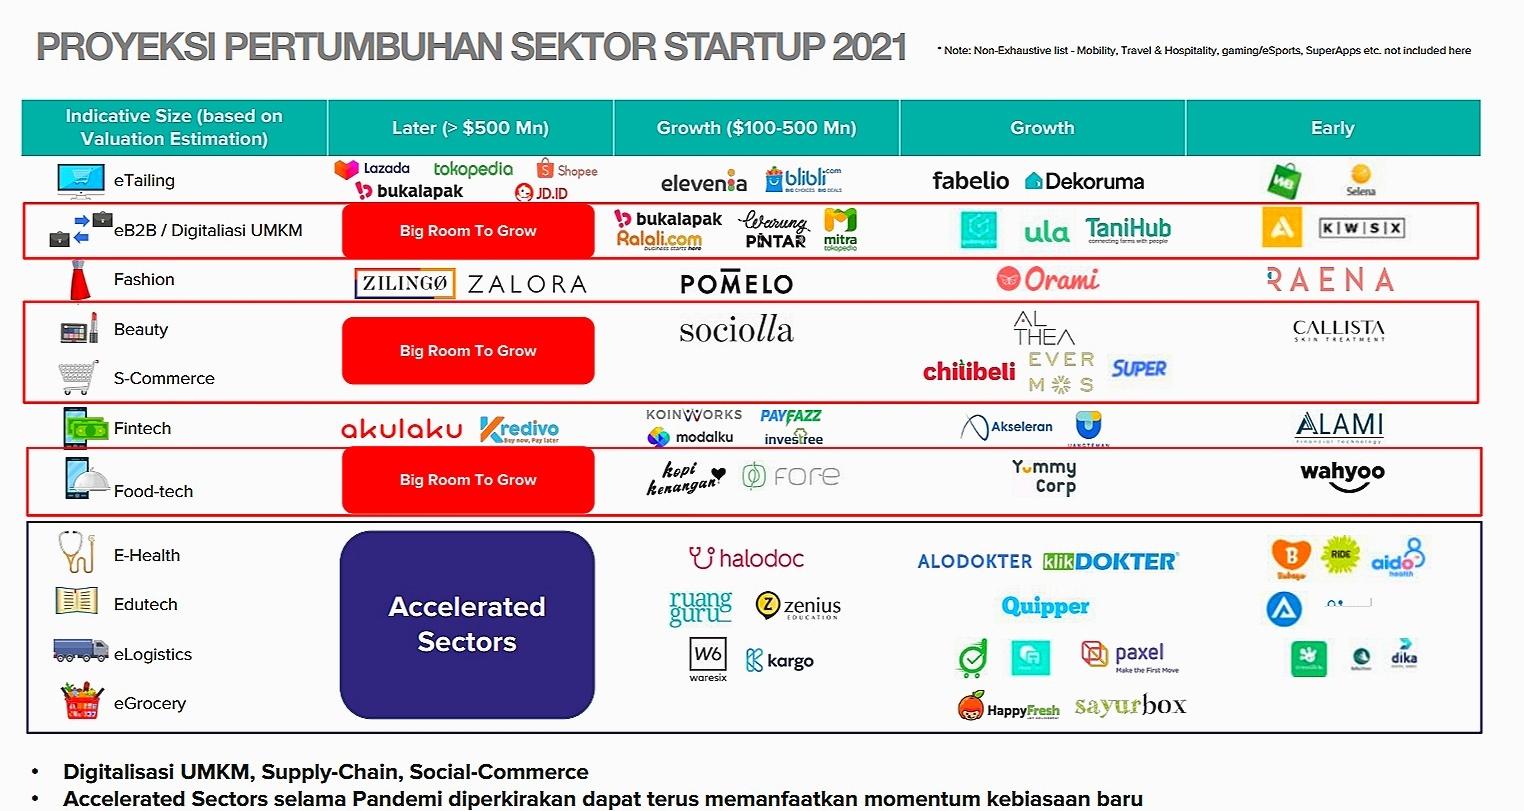 Proyeksi pertumbuhan sektor startup pada 2021